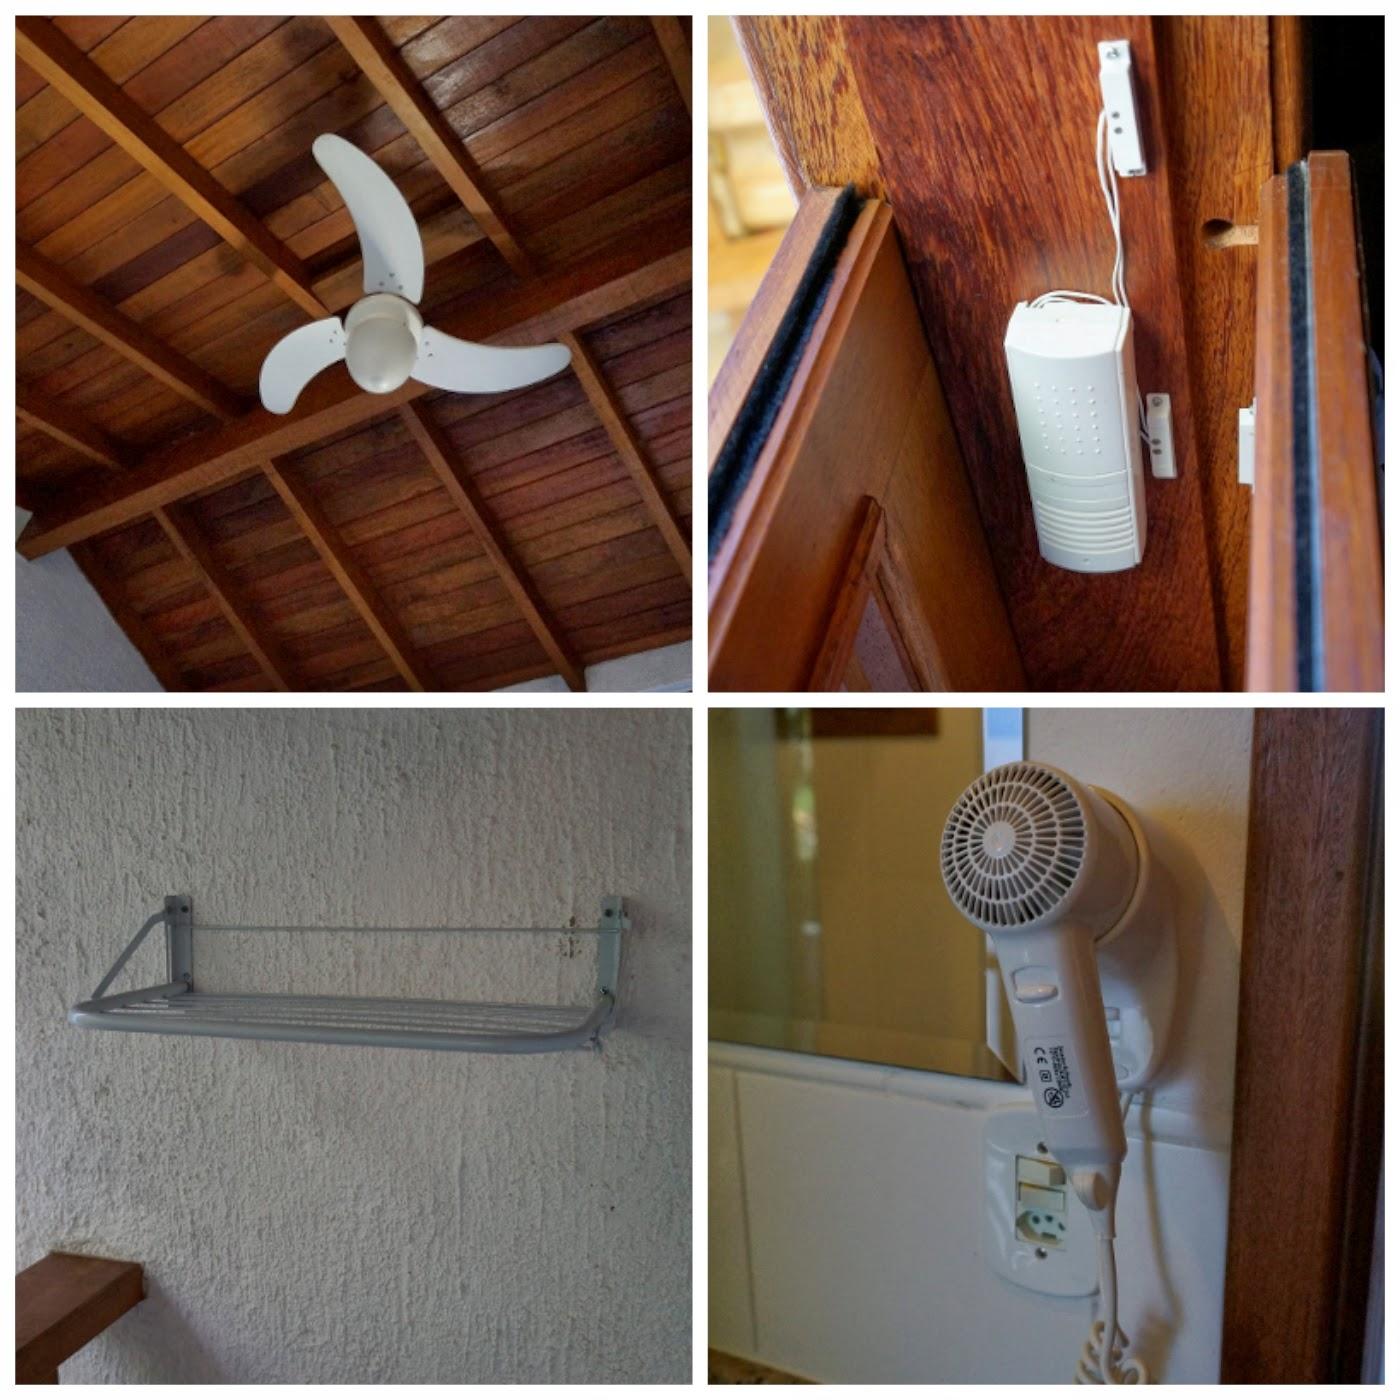 detalhes do apartamento da Pousada Praia do Portinho - Ilhabela